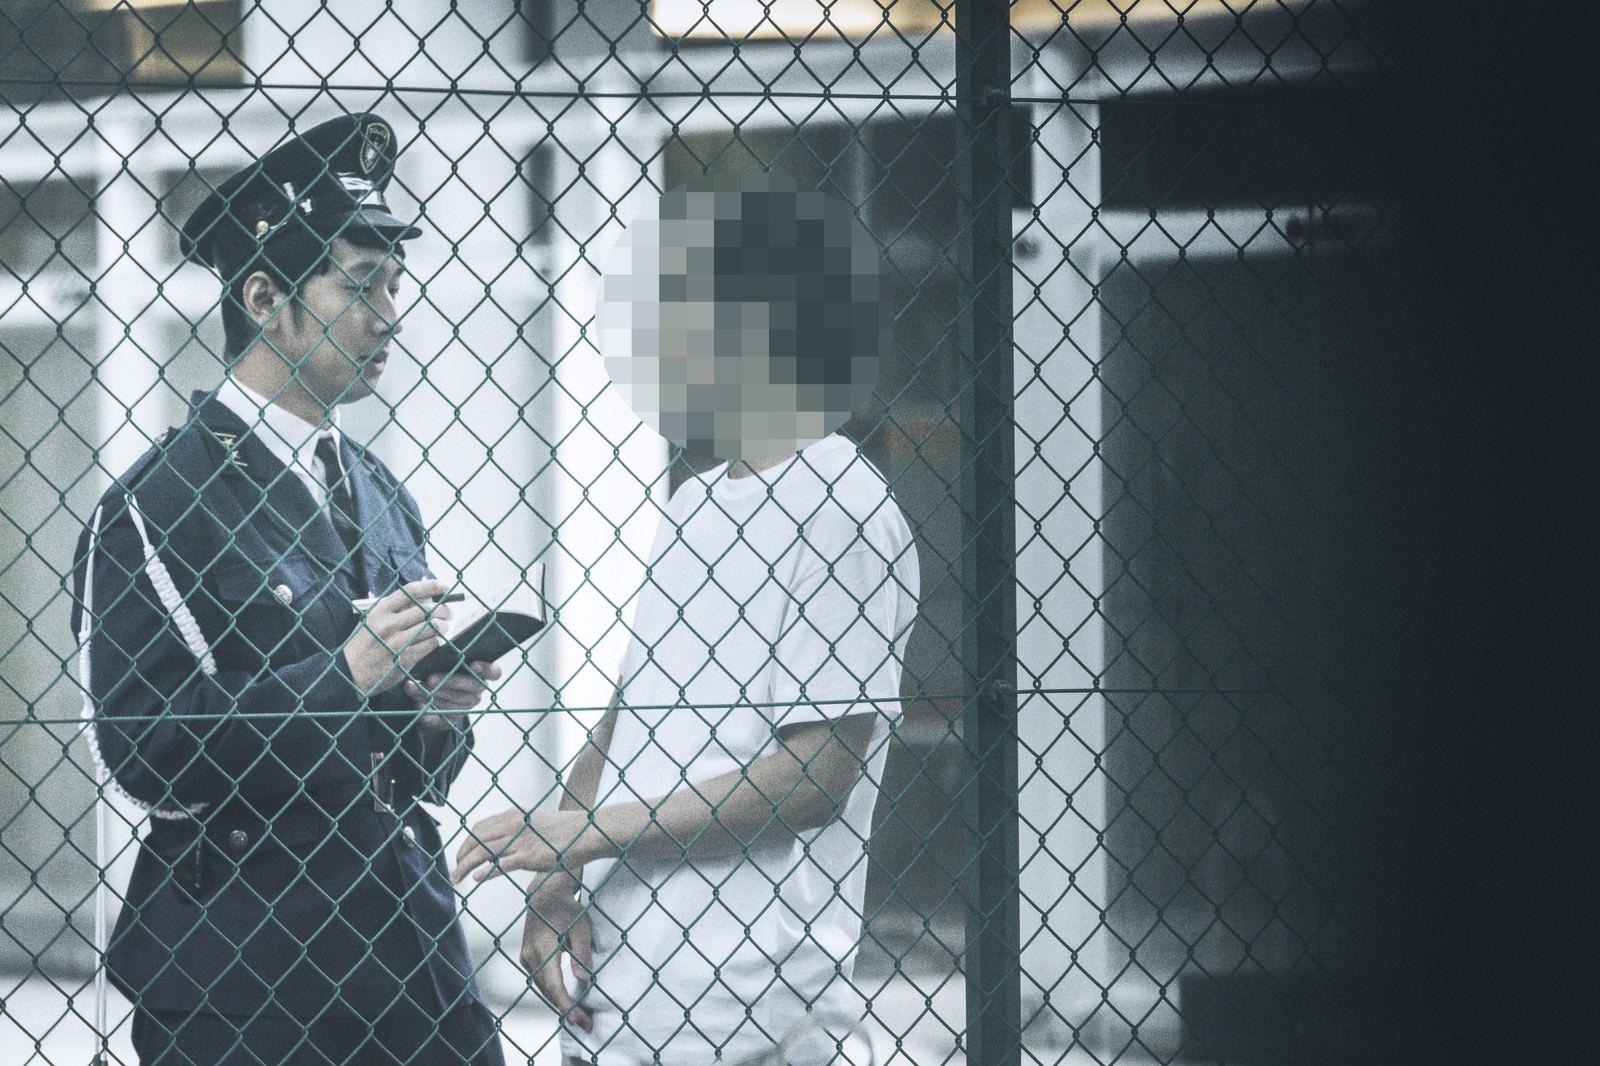 「今日も職質される男性今日も職質される男性」[モデル:大川竜弥 森翔太]のフリー写真素材